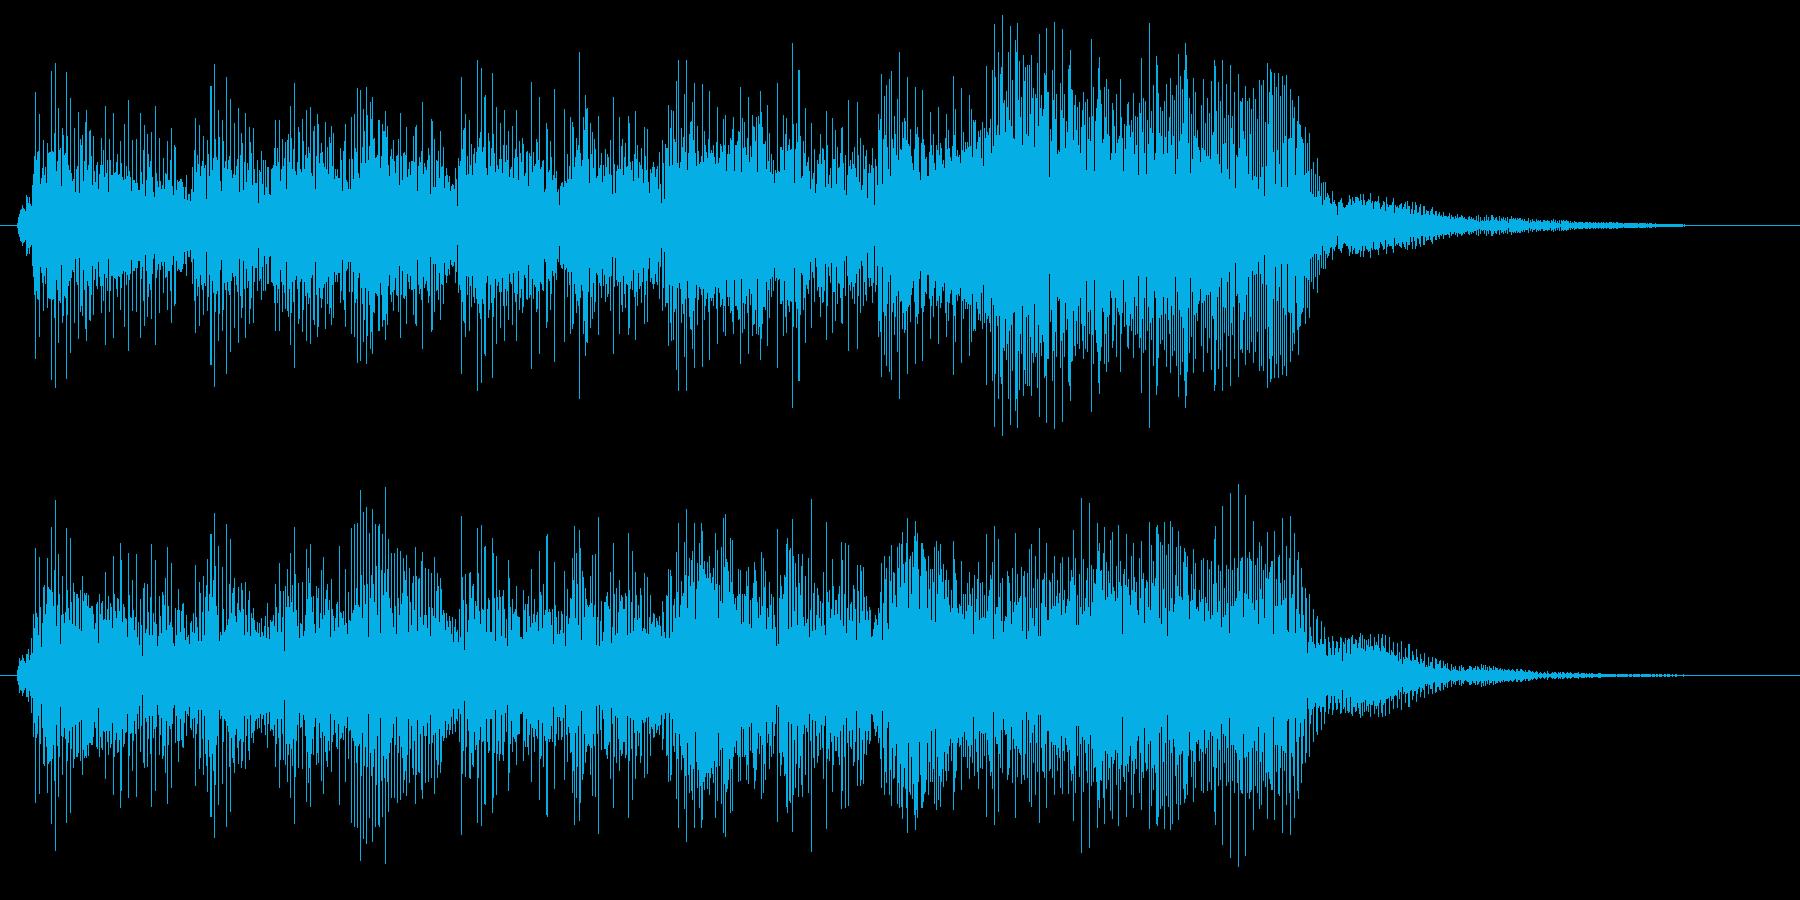 ゲームクリアや勝利のファンファーレ の再生済みの波形